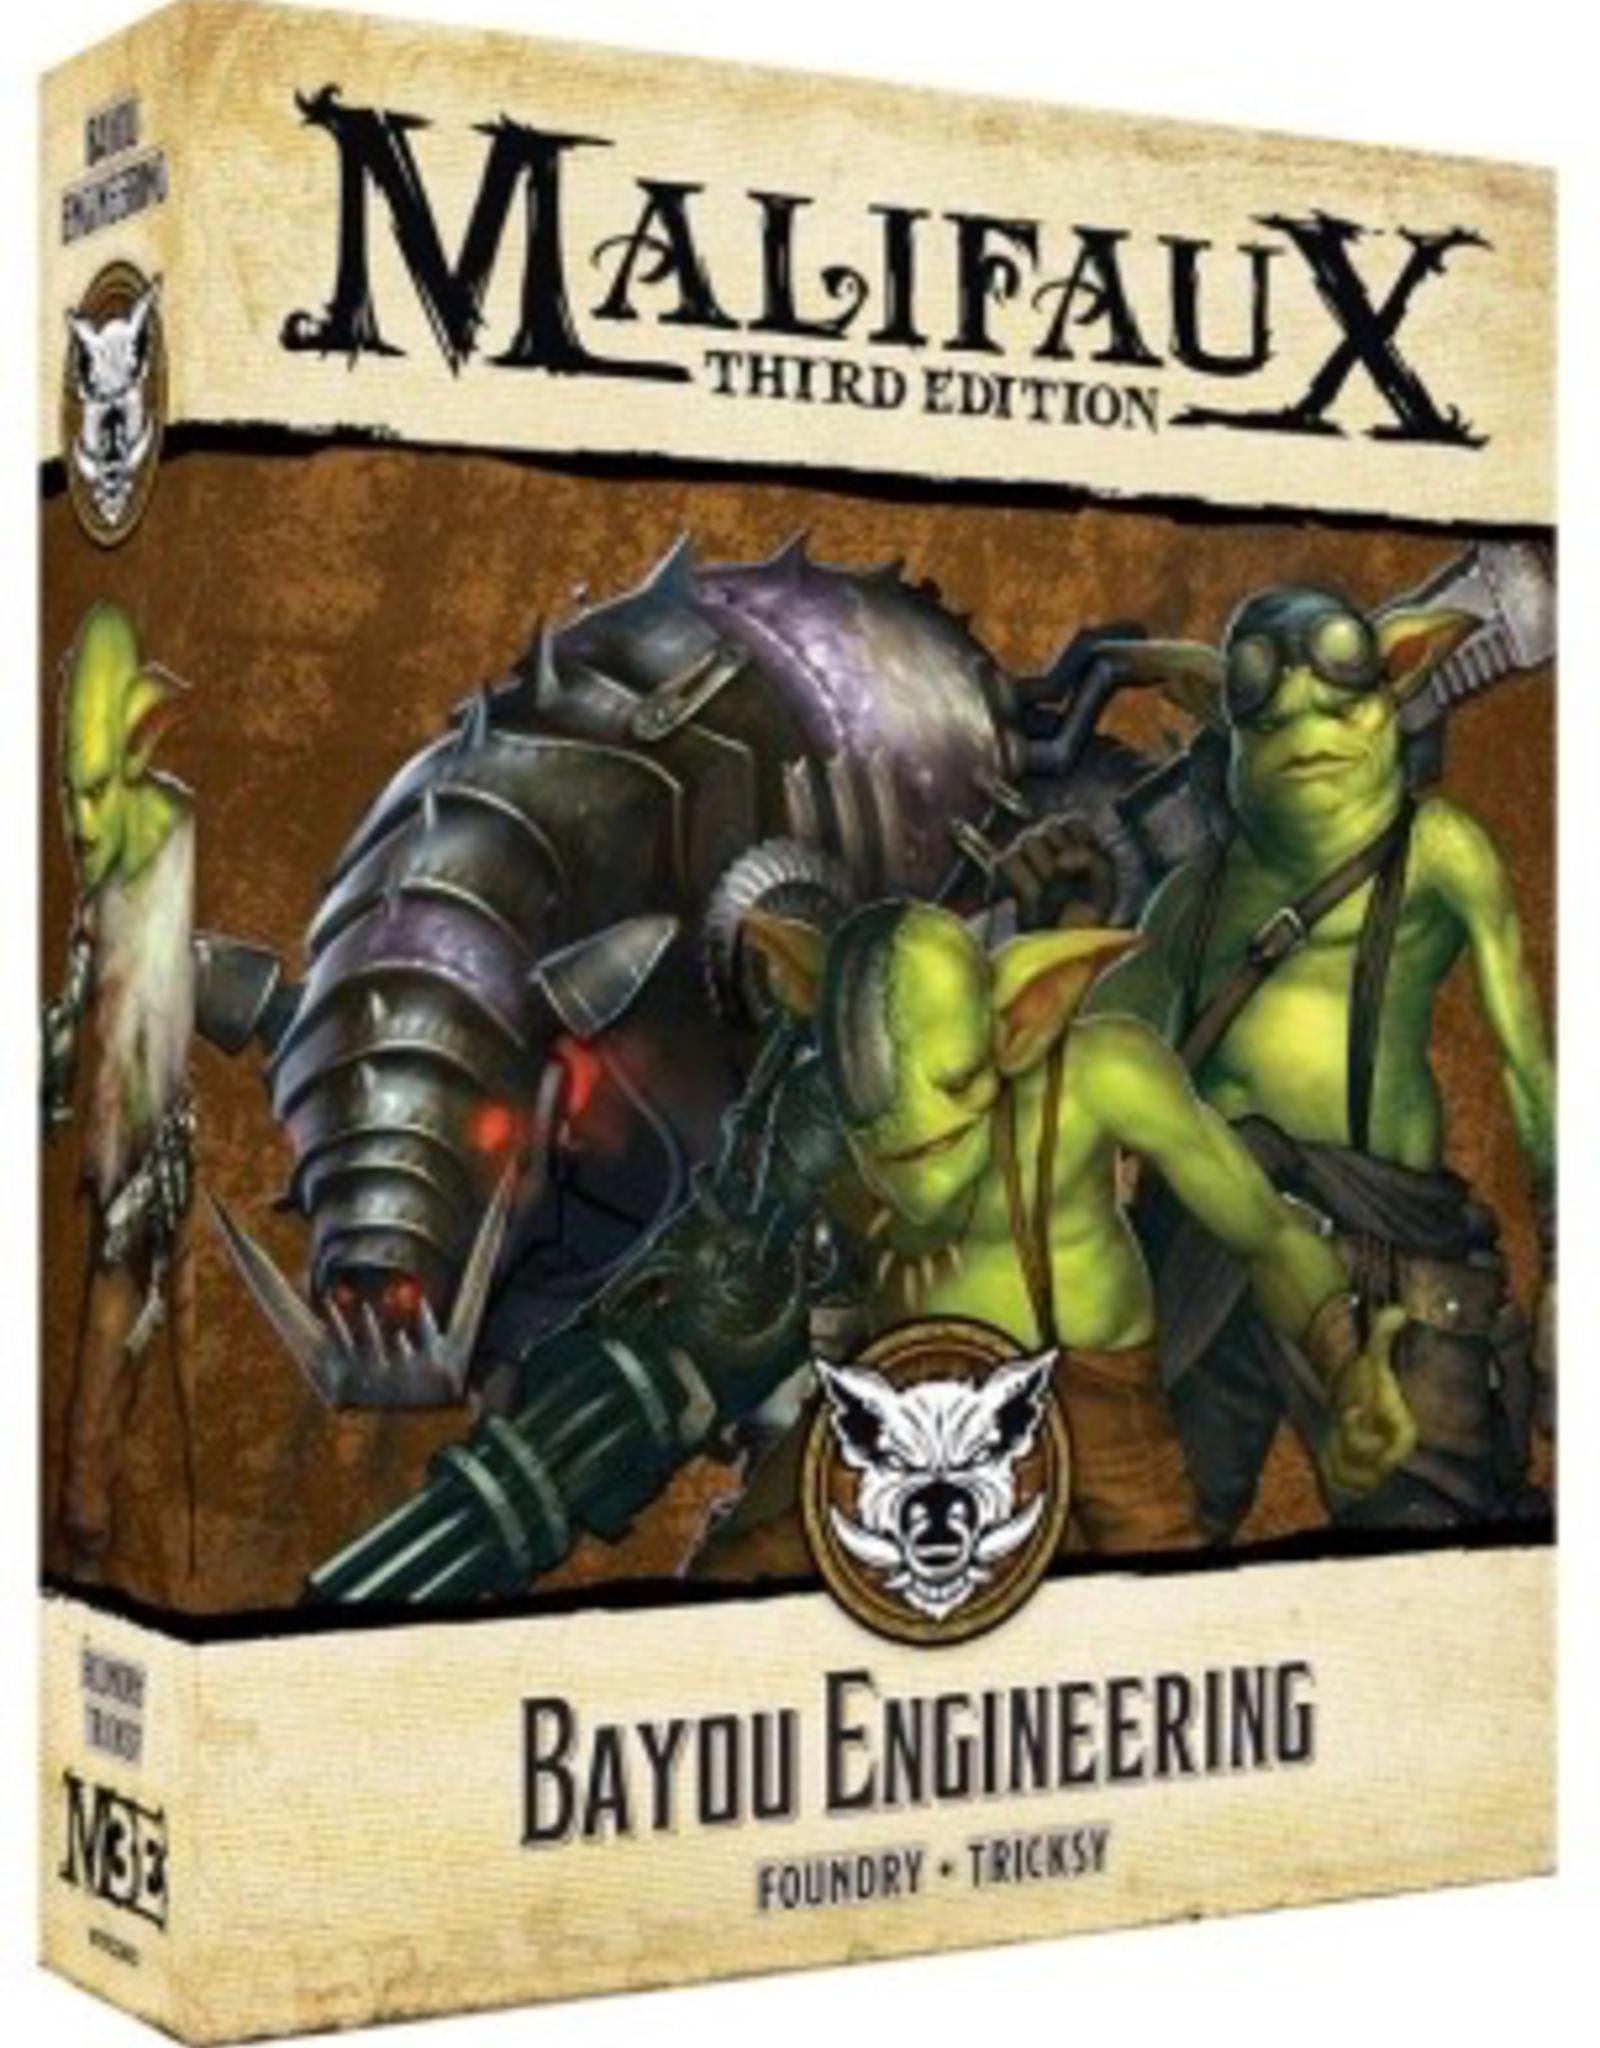 WYR - Malifaux Miniaturen Malifaux 3rd Edition - Bayou Engineering - EN